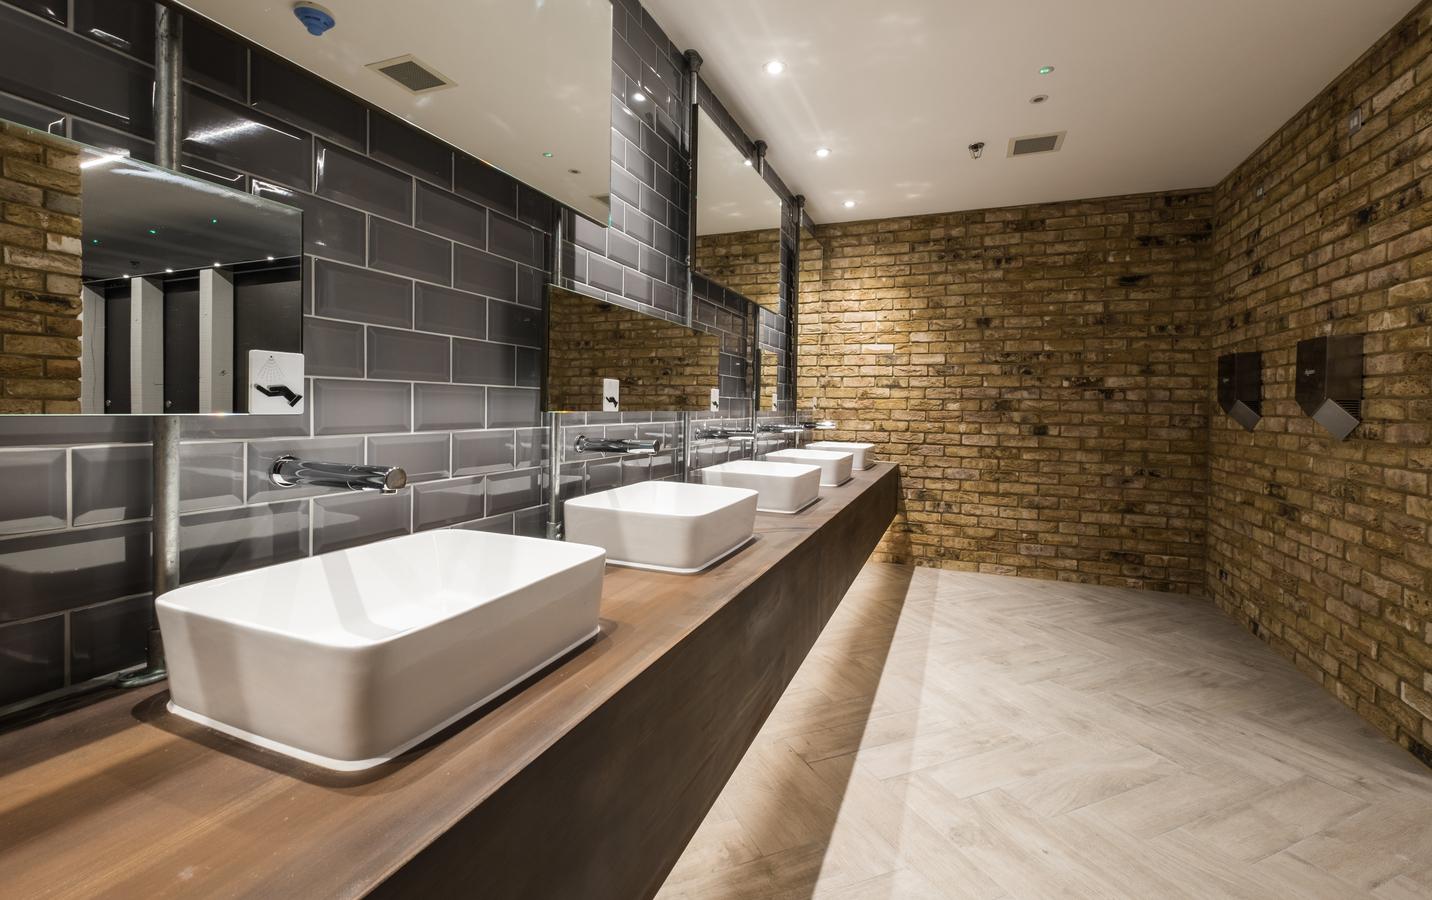 Camden Market industrial chic washrooms